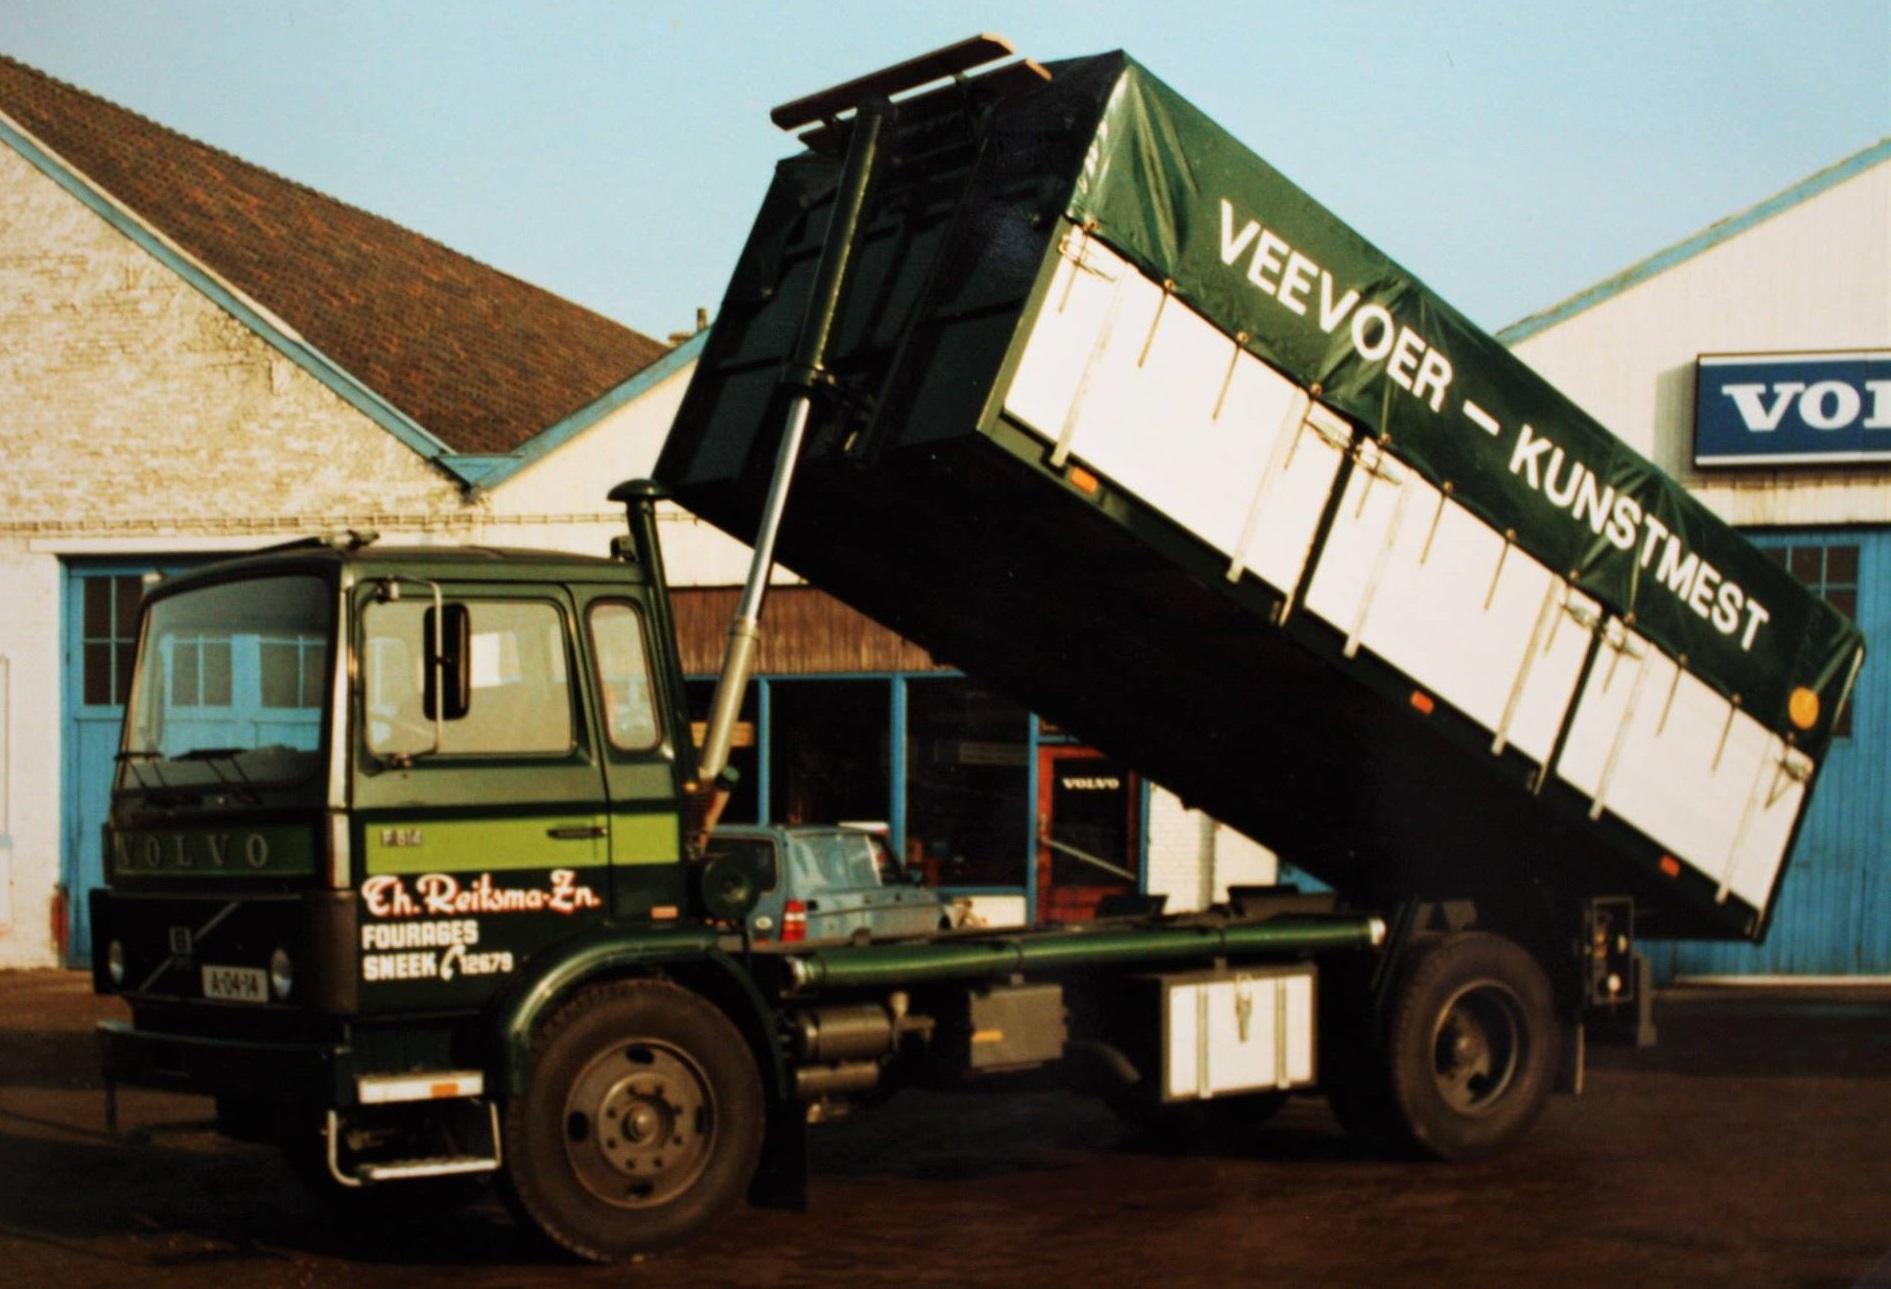 Volvo-Bulkwagen-door-Rondaan-gebouwd-voor-Th--Reitsma-enZn--Fourage-Sneek